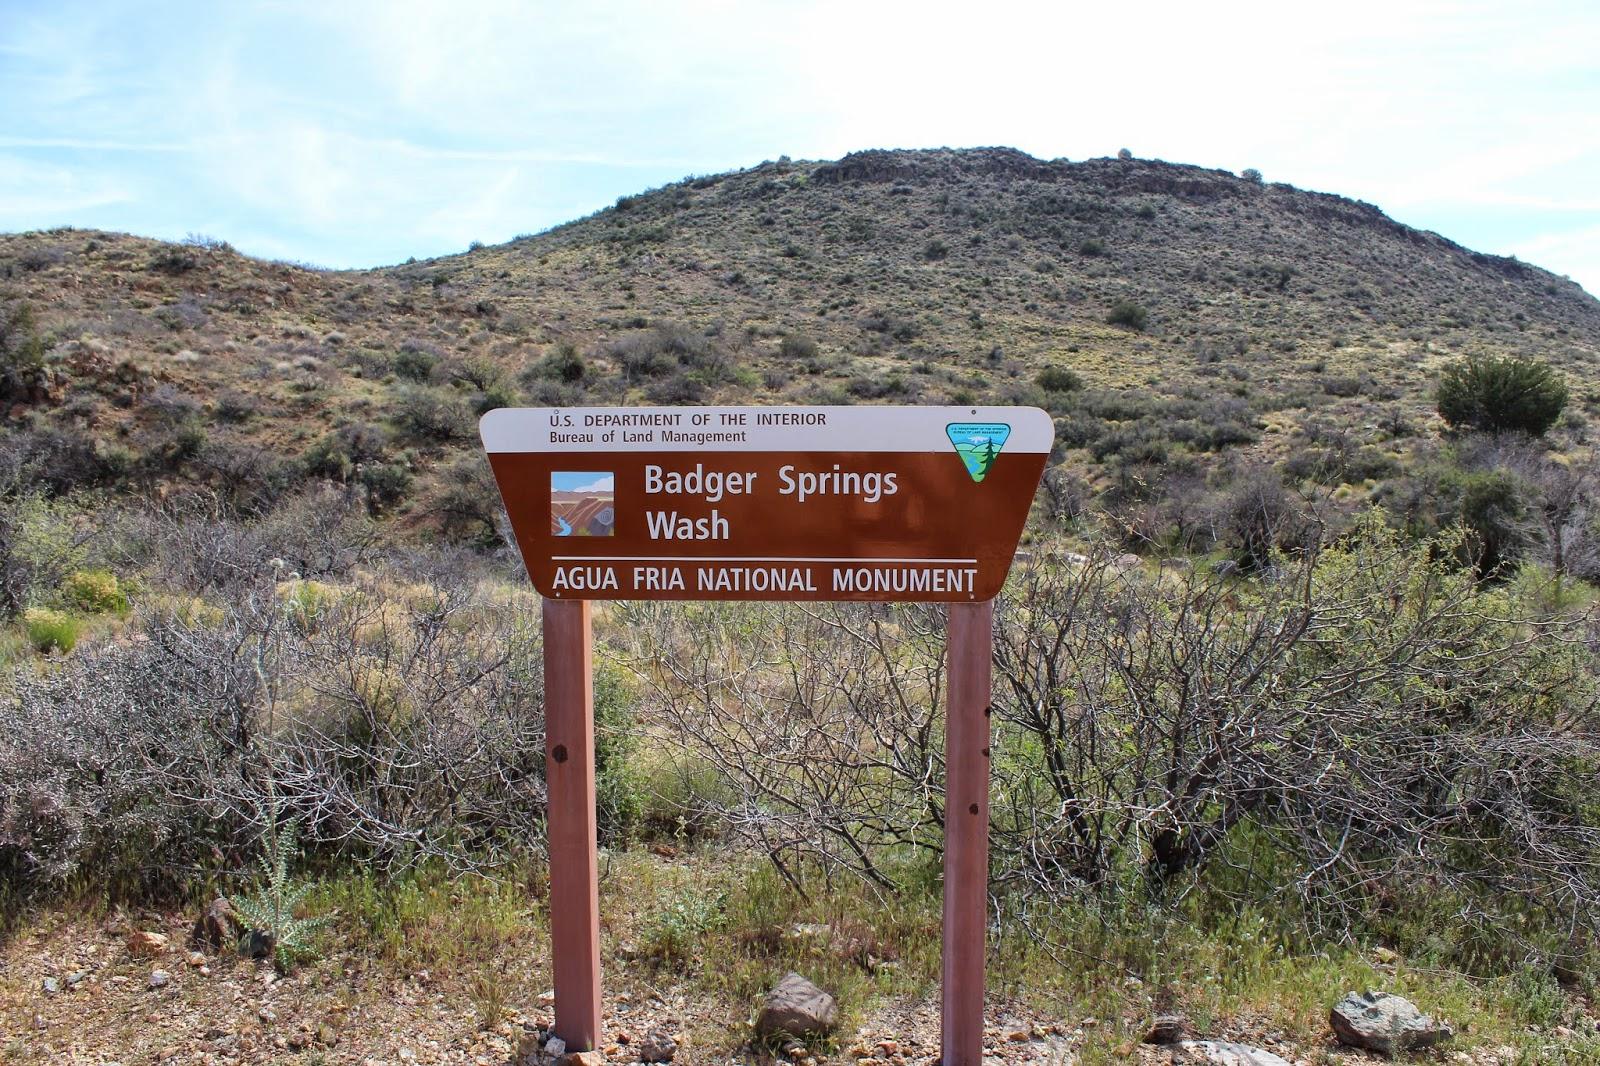 gjhikes.com: Badger Springs